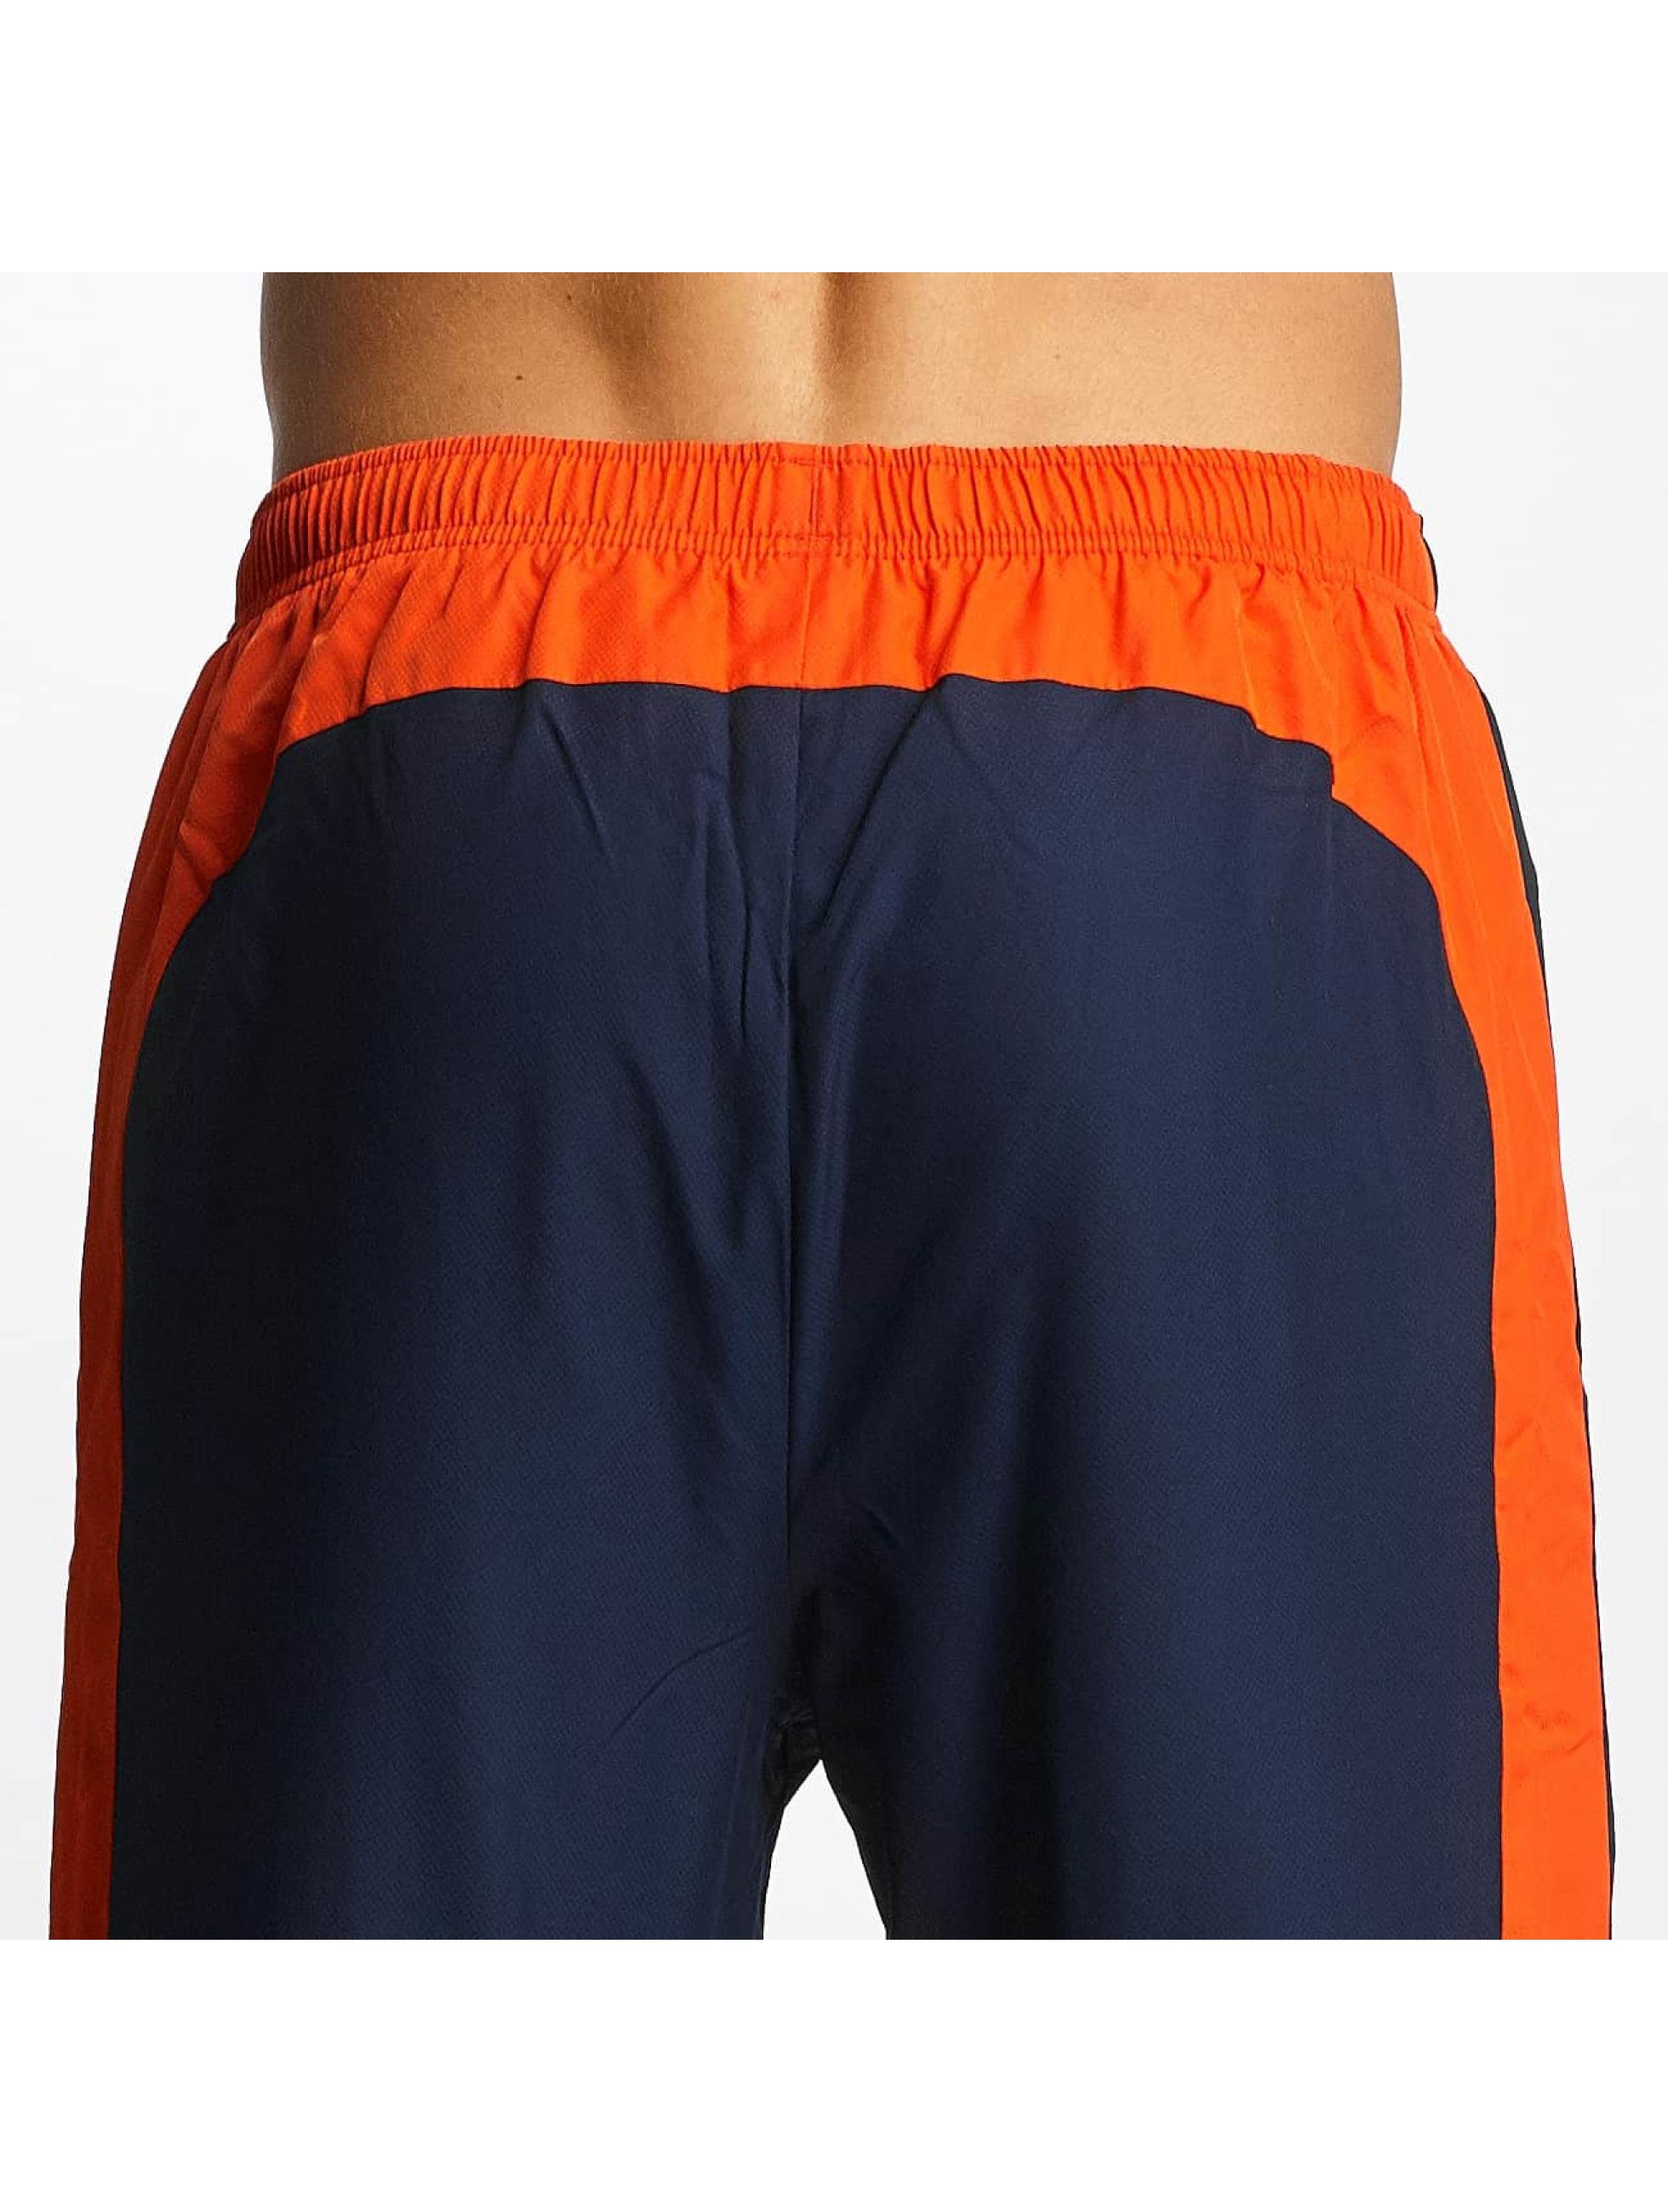 Lacoste Suits Sport Tennis Colorblocks blue